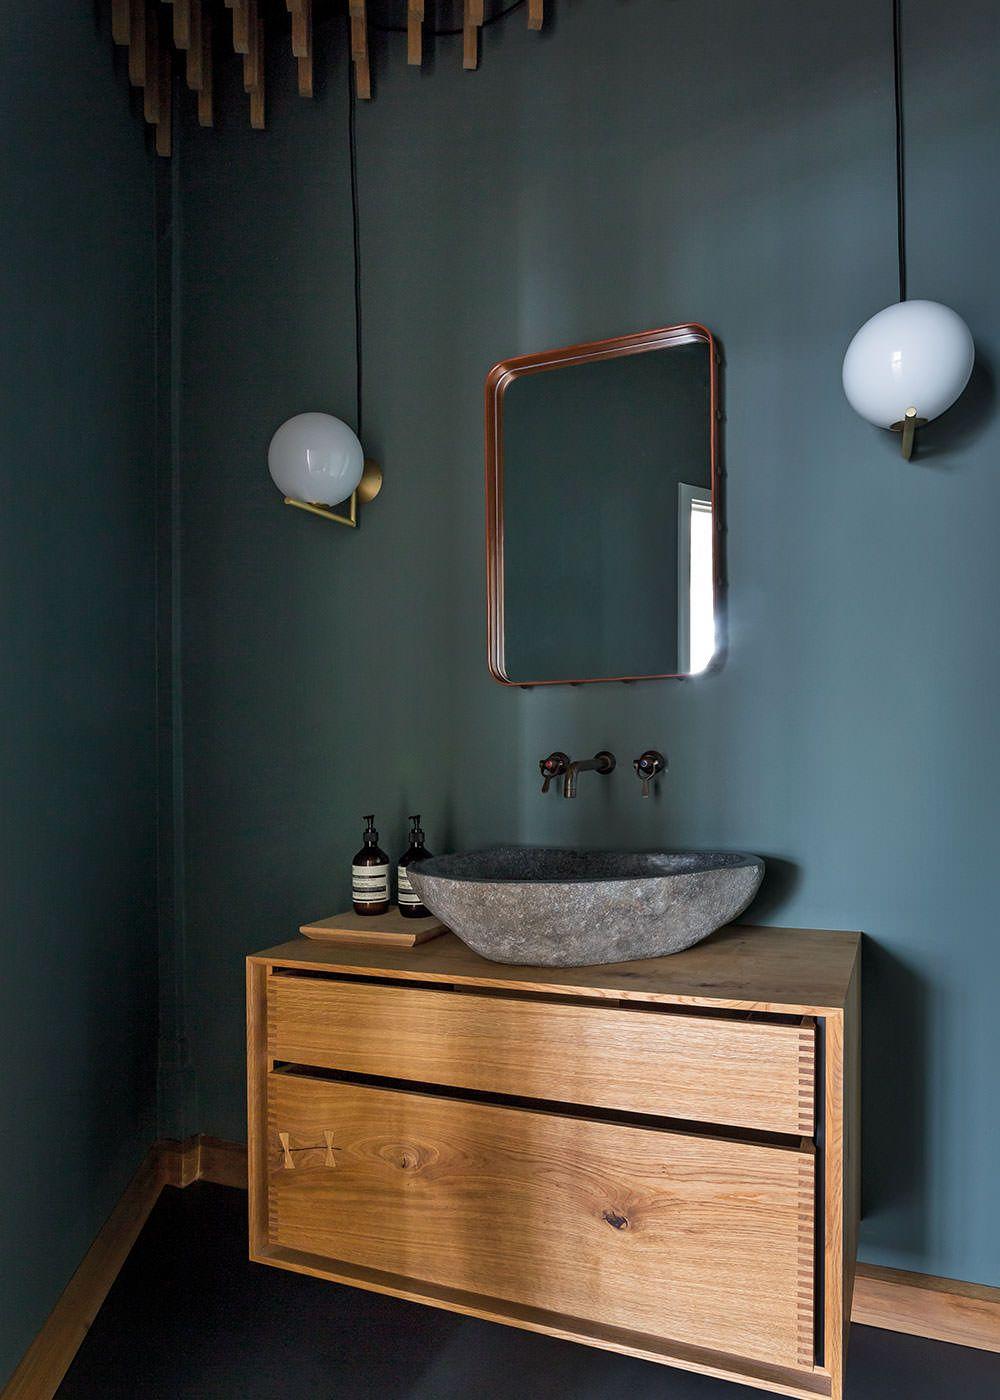 Badezimmer ideen mit wanne pin von kaiuwe brandt auf bathroom  pinterest  badezimmer